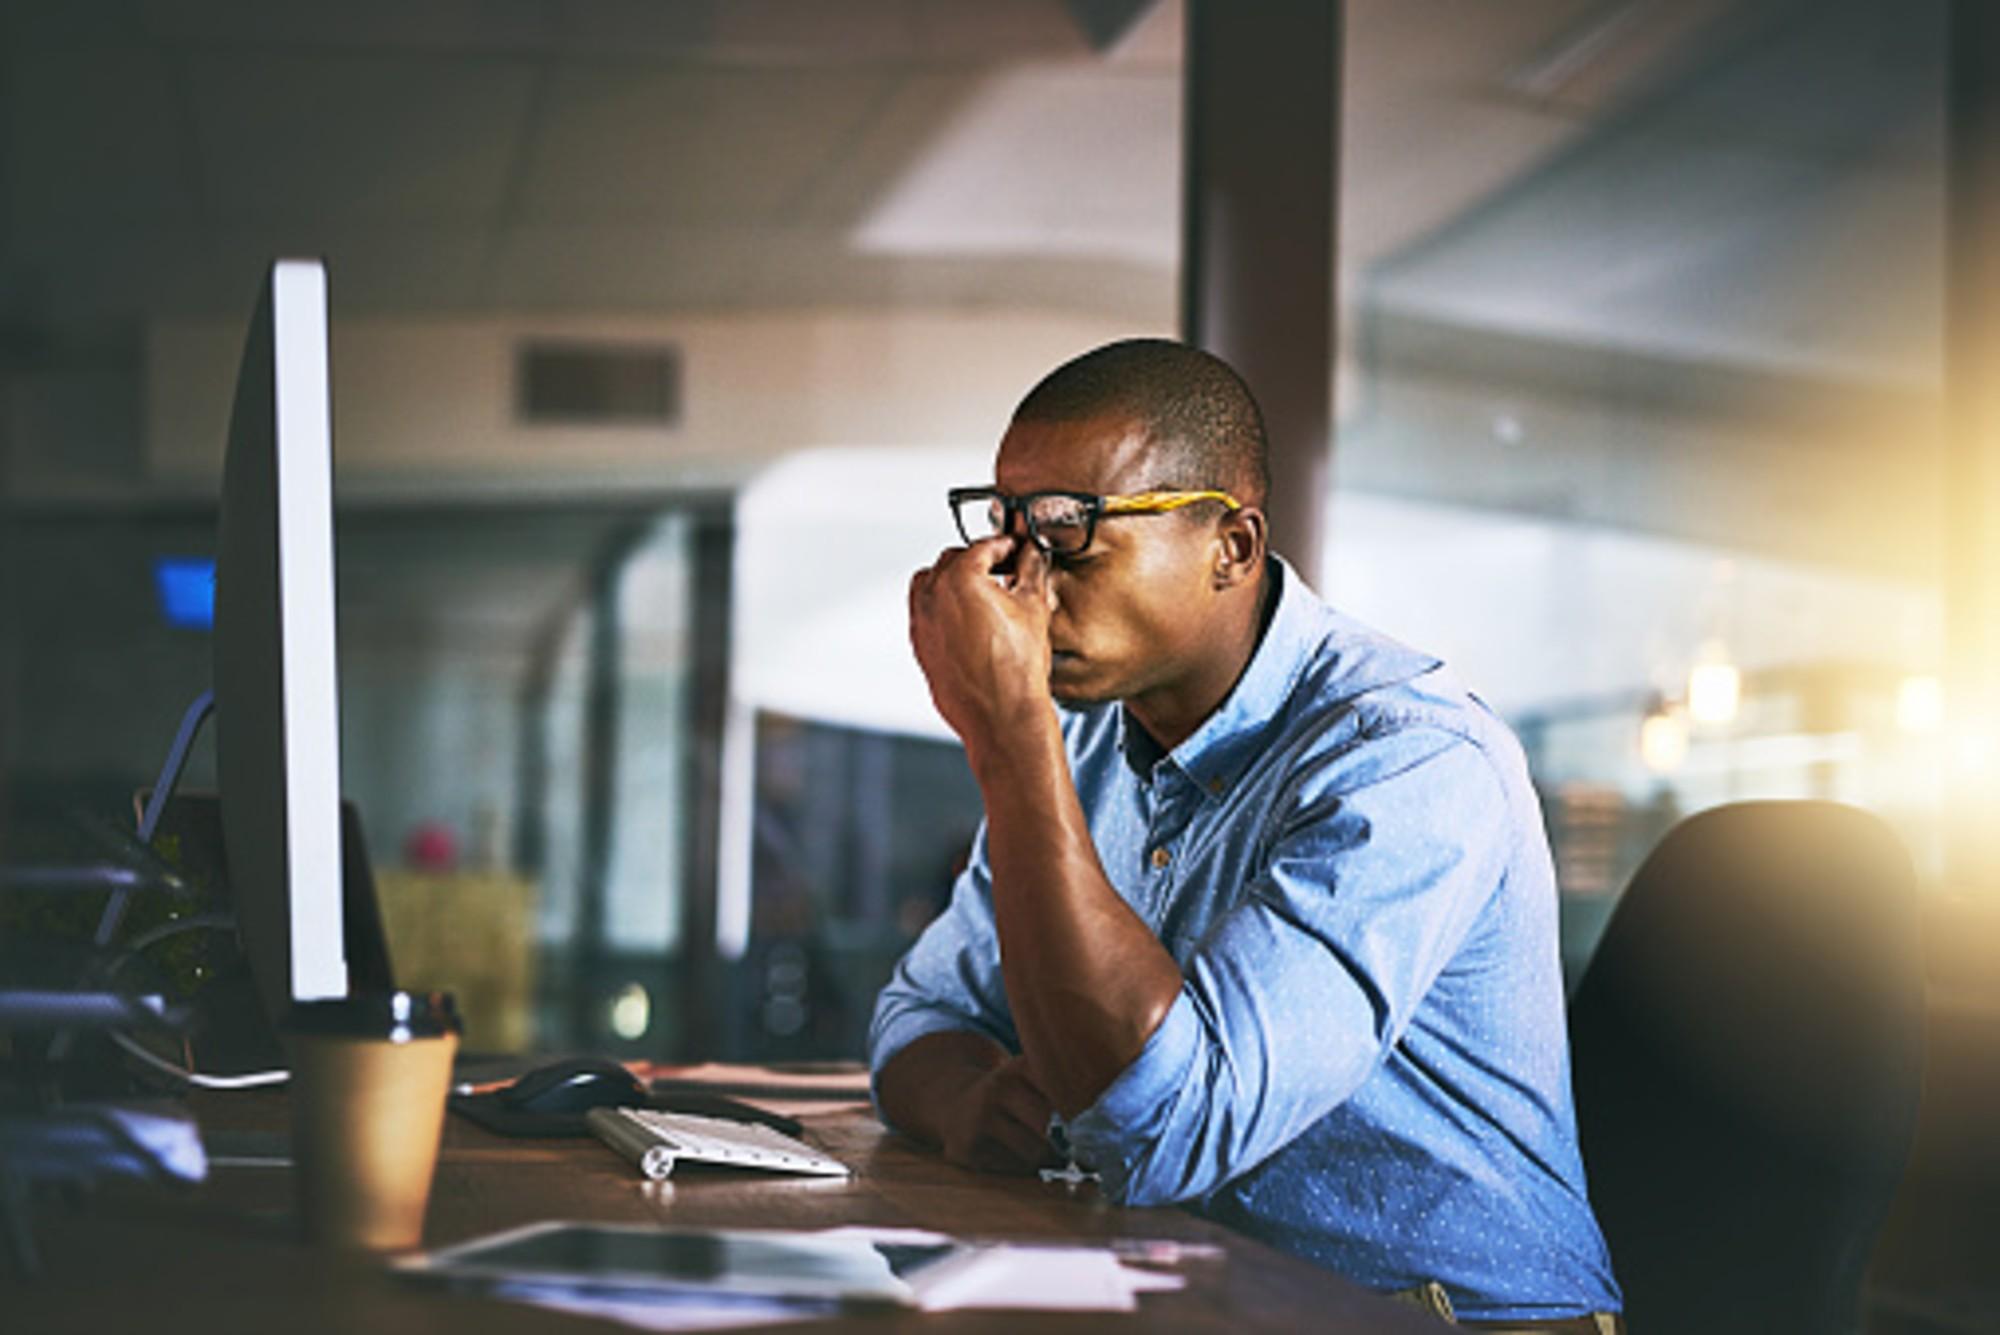 Esqueça as propostas extravagantes, qualidade do ar e luz natural têm o maior impacto no bem-estar dos funcionários